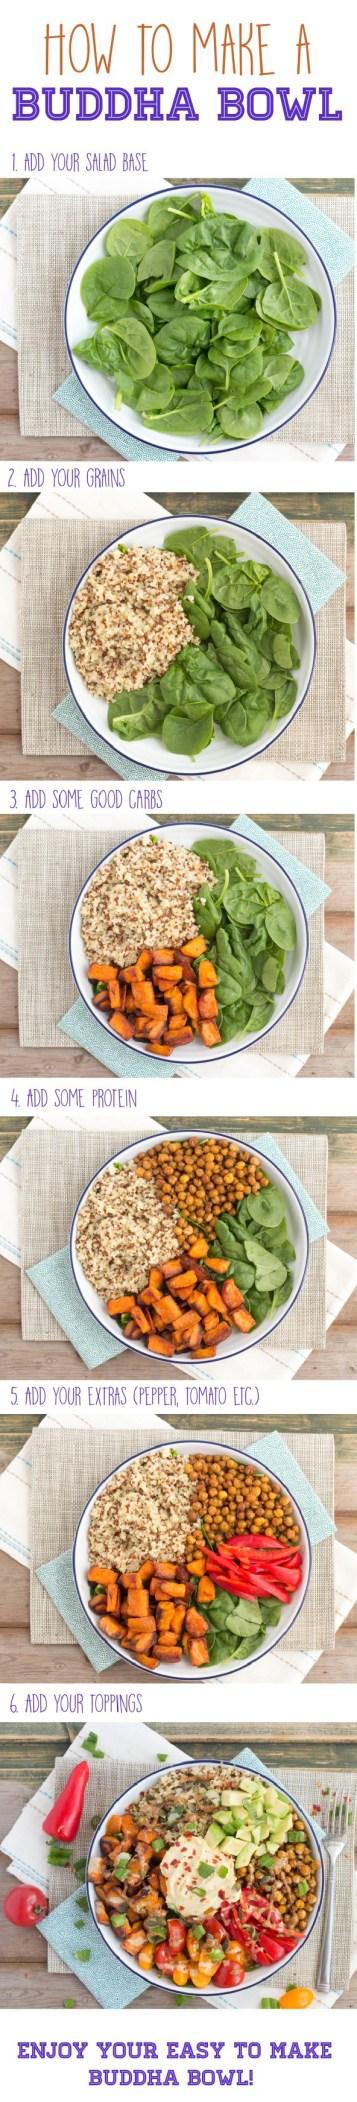 Easy-Buddha-Bowl-Avocado-Salad-how-to-guide-pinterest